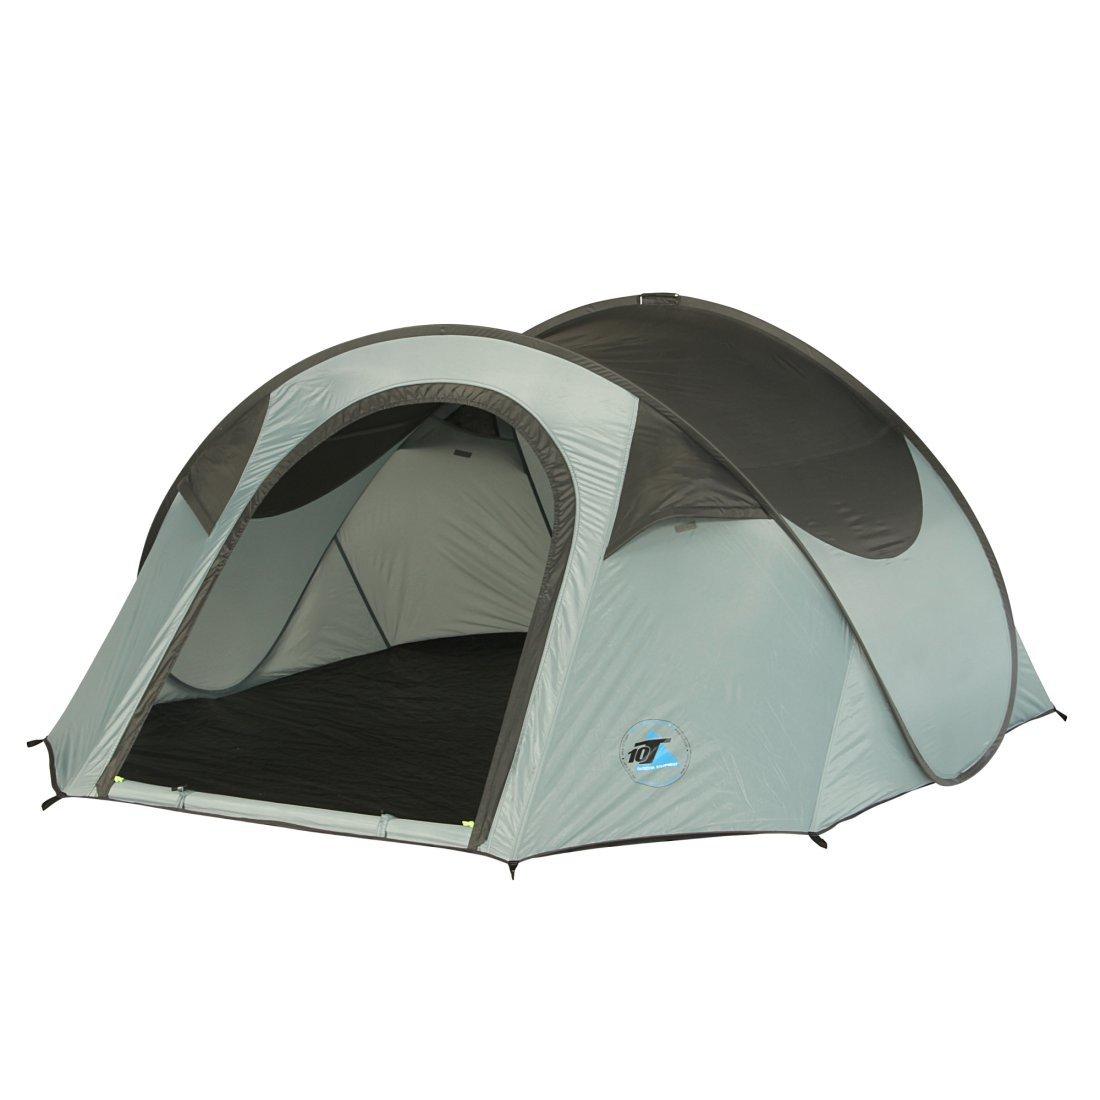 10T Camping-Zelt Colac 3 Pop-Up Wurfzelt mit Schlafbereich für 3 Personen Automatik-Zelt mit eingenähter Bodenwanne, Dauerbelüftung, wasserdicht mit 2000mm Wassersäule